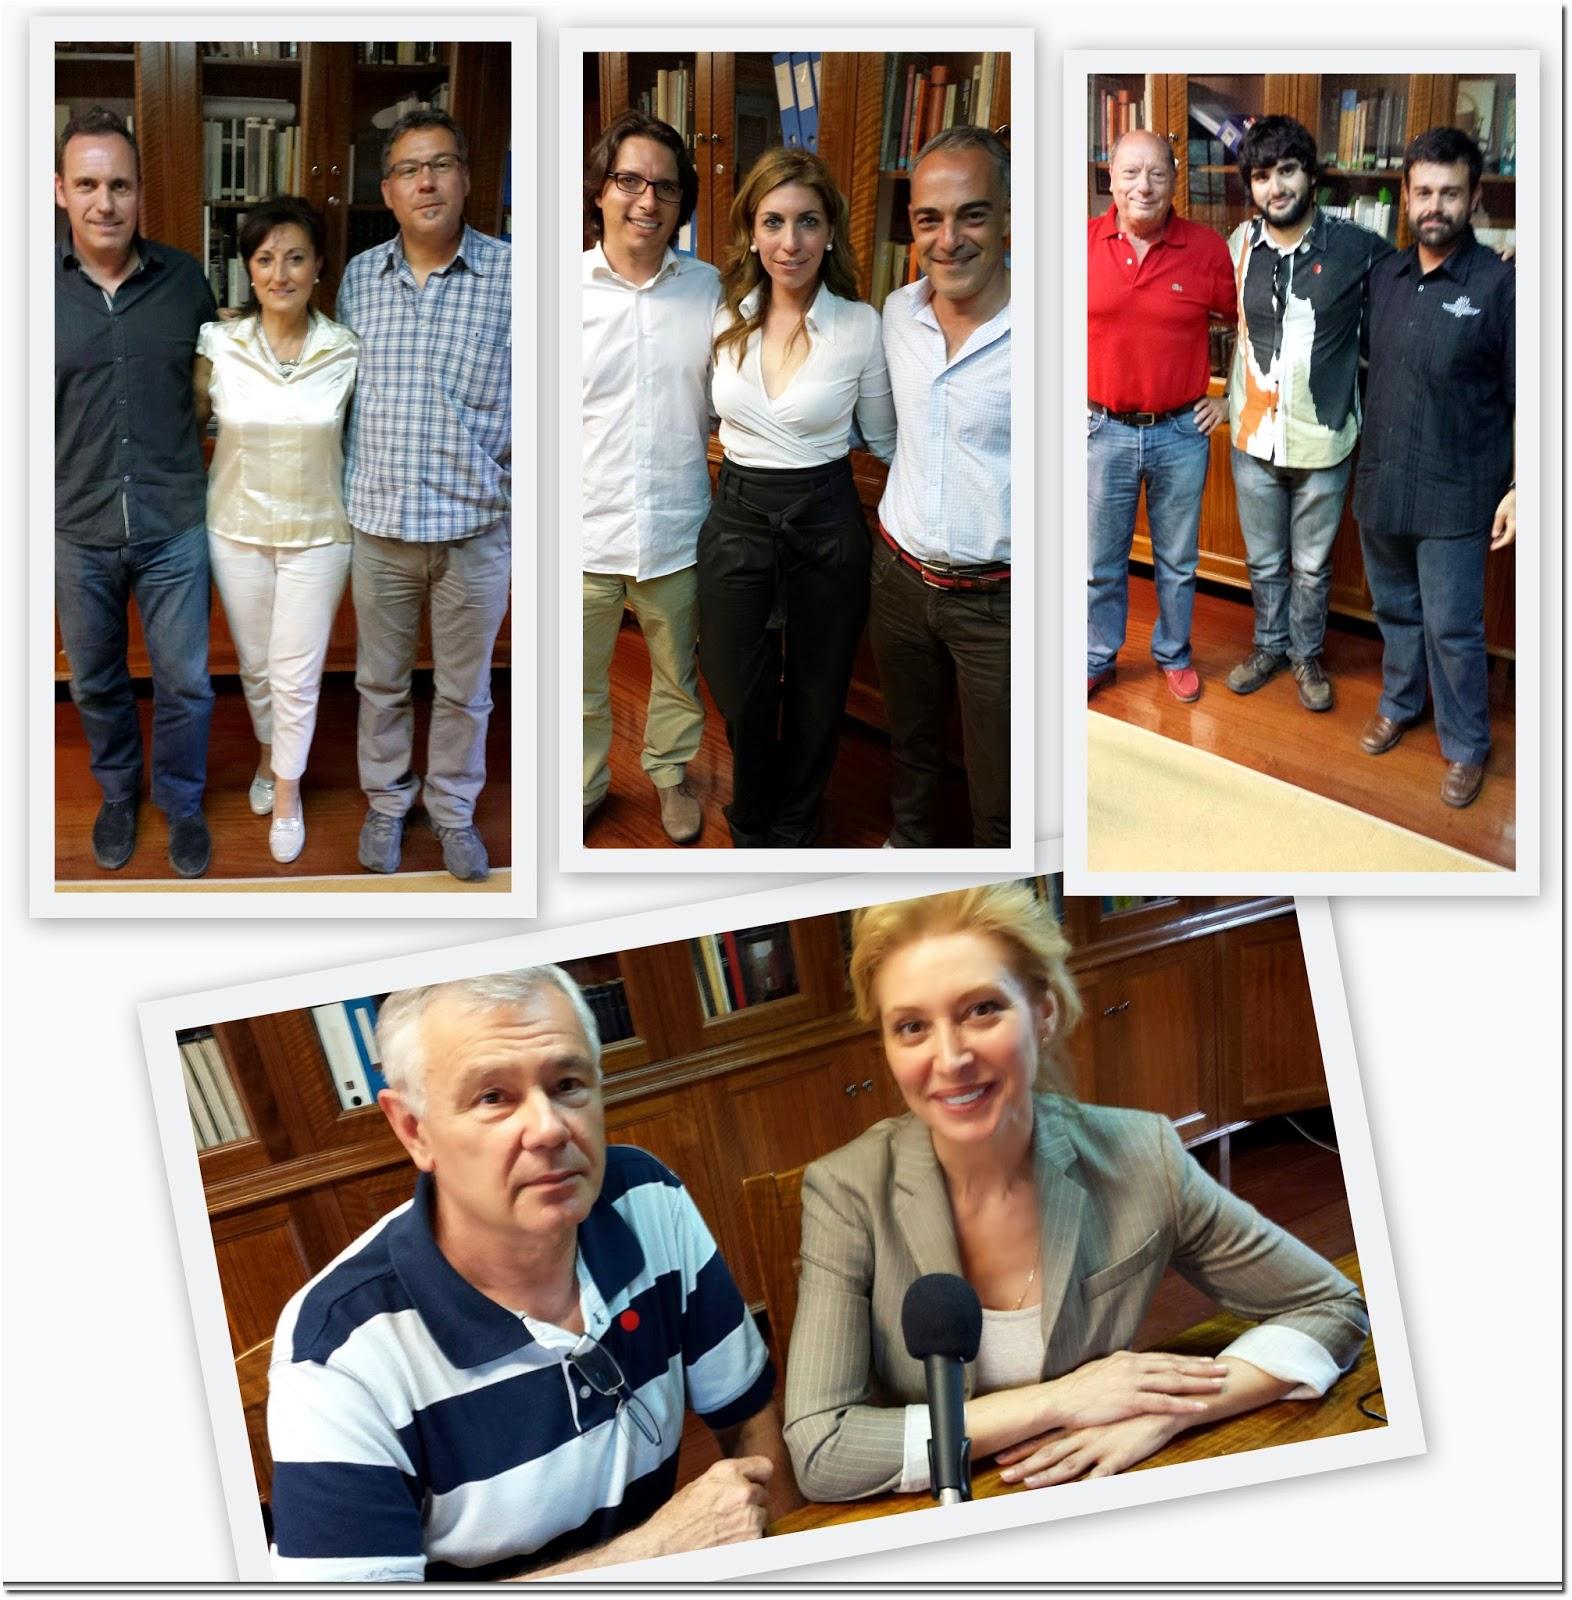 http://3.bp.blogspot.com/-_JPNhmnXvXc/U257asqzXYI/AAAAAAABcxY/A-Gg1BoCbyw/s1600/congreso.jpg